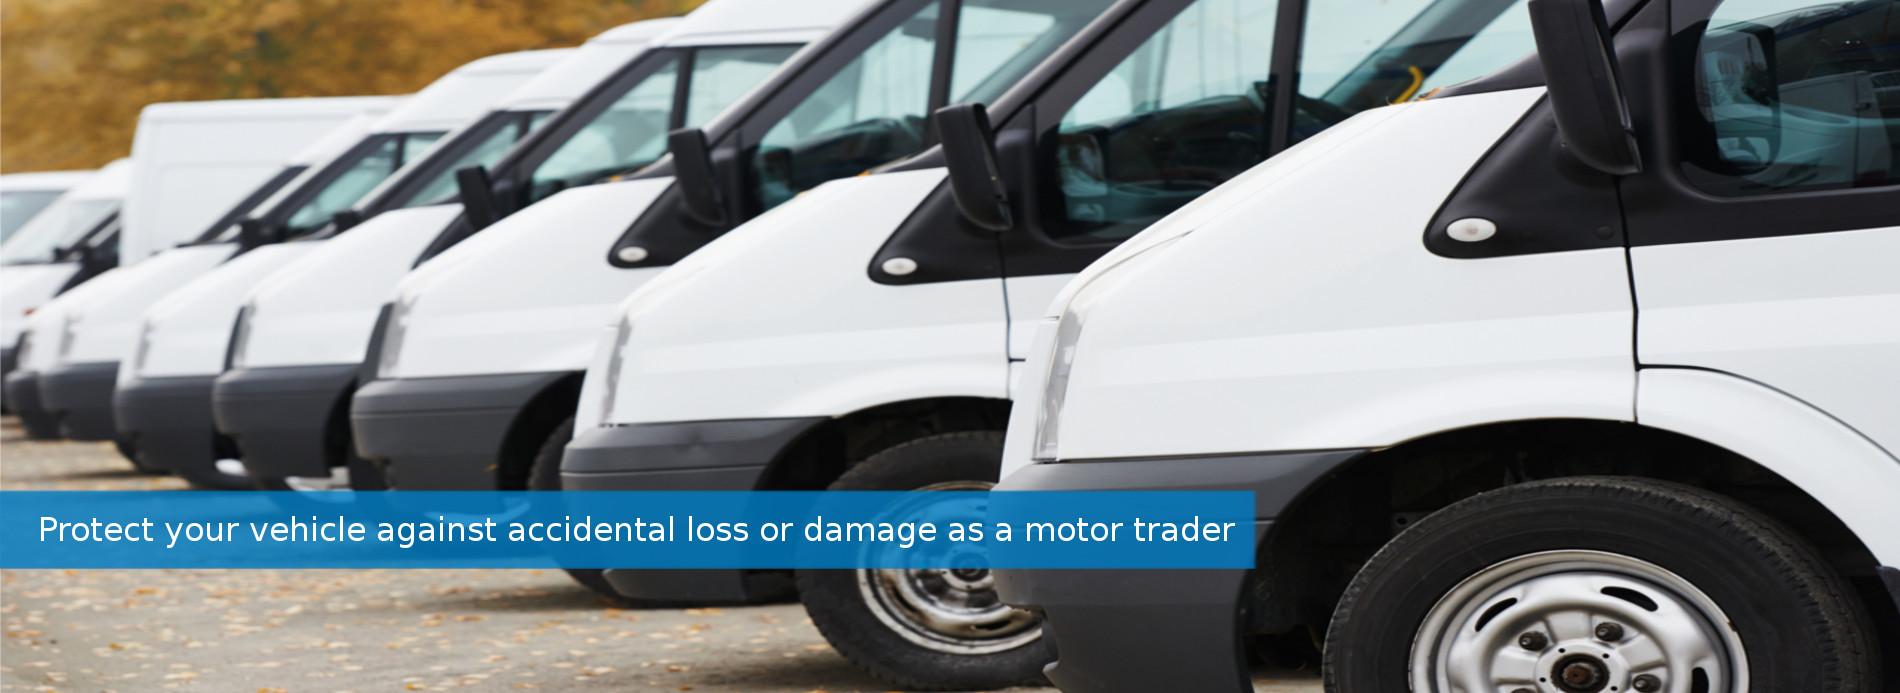 commercial-motor-inner-1